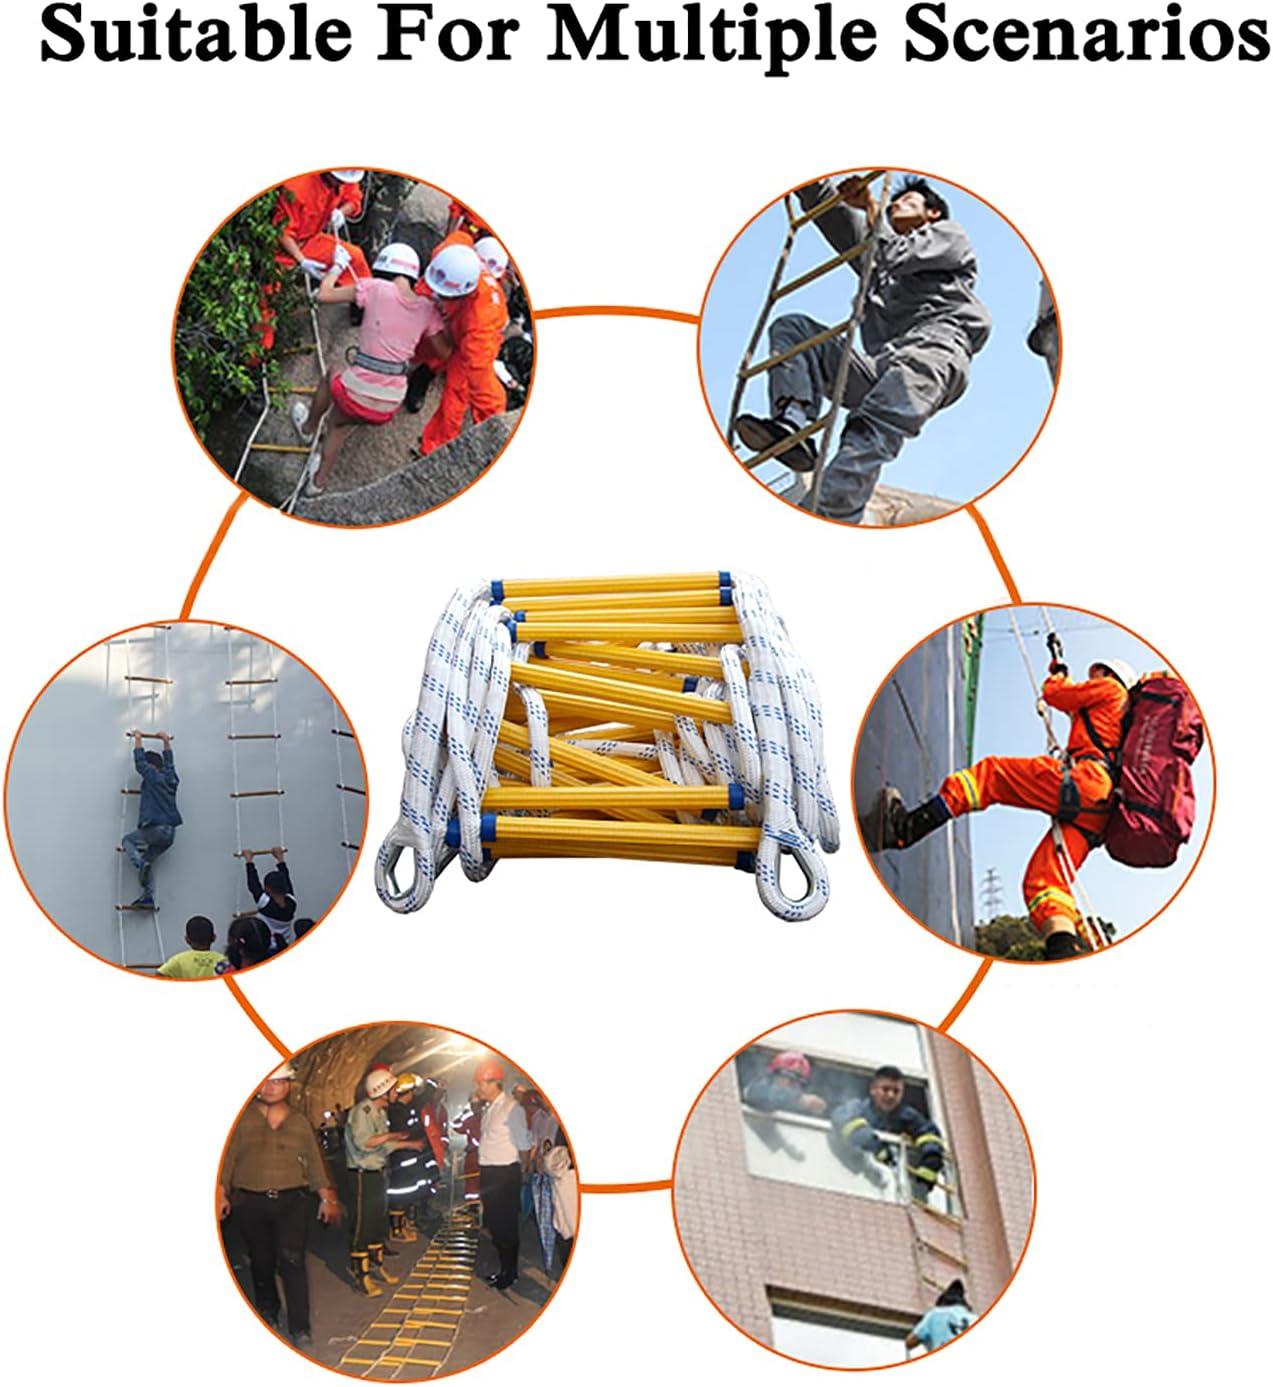 Escape De Incendio De Emergencia Seguridad De Emergencia con Ganchos para Rescate Desplegar R/ápidamente En Incendios Yclty Escalera De Cuerda 3M-50M ,El tama/ño se Puede Personalizar